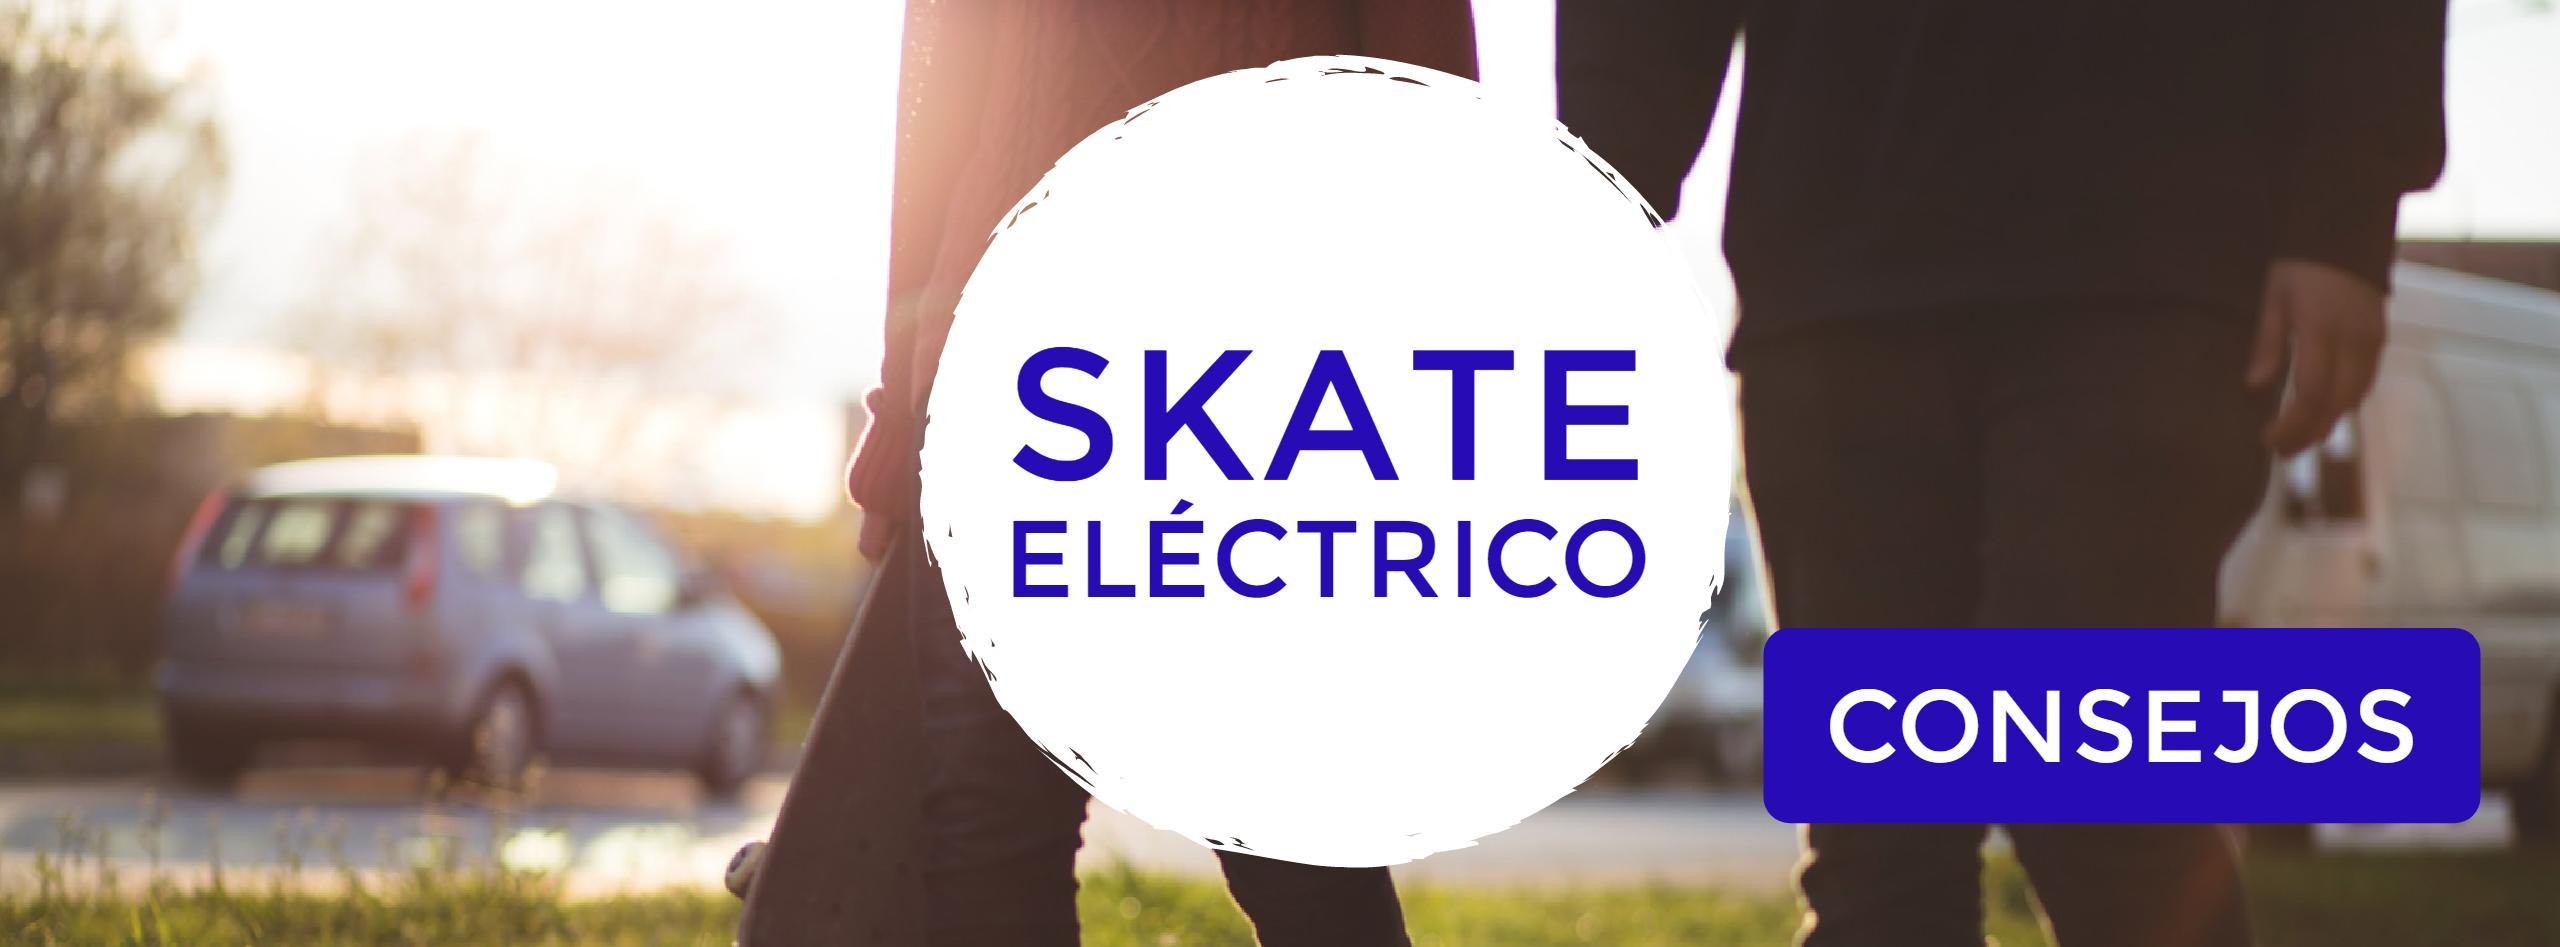 - Skate Eléctrico